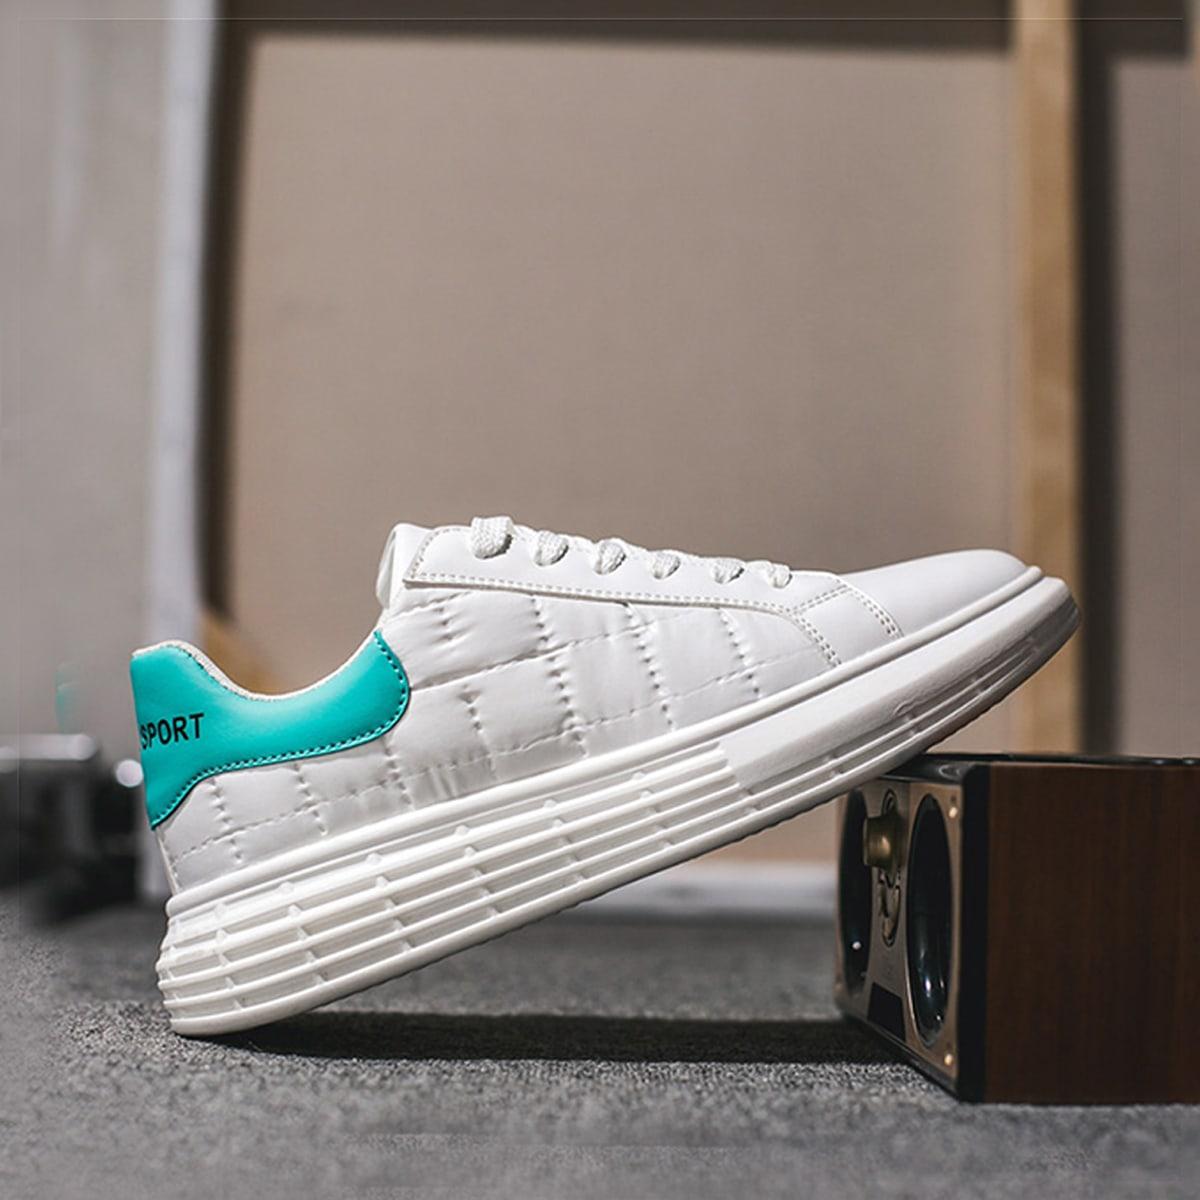 SHEIN Tweekleurige gewatteerde skateschoenen voor heren